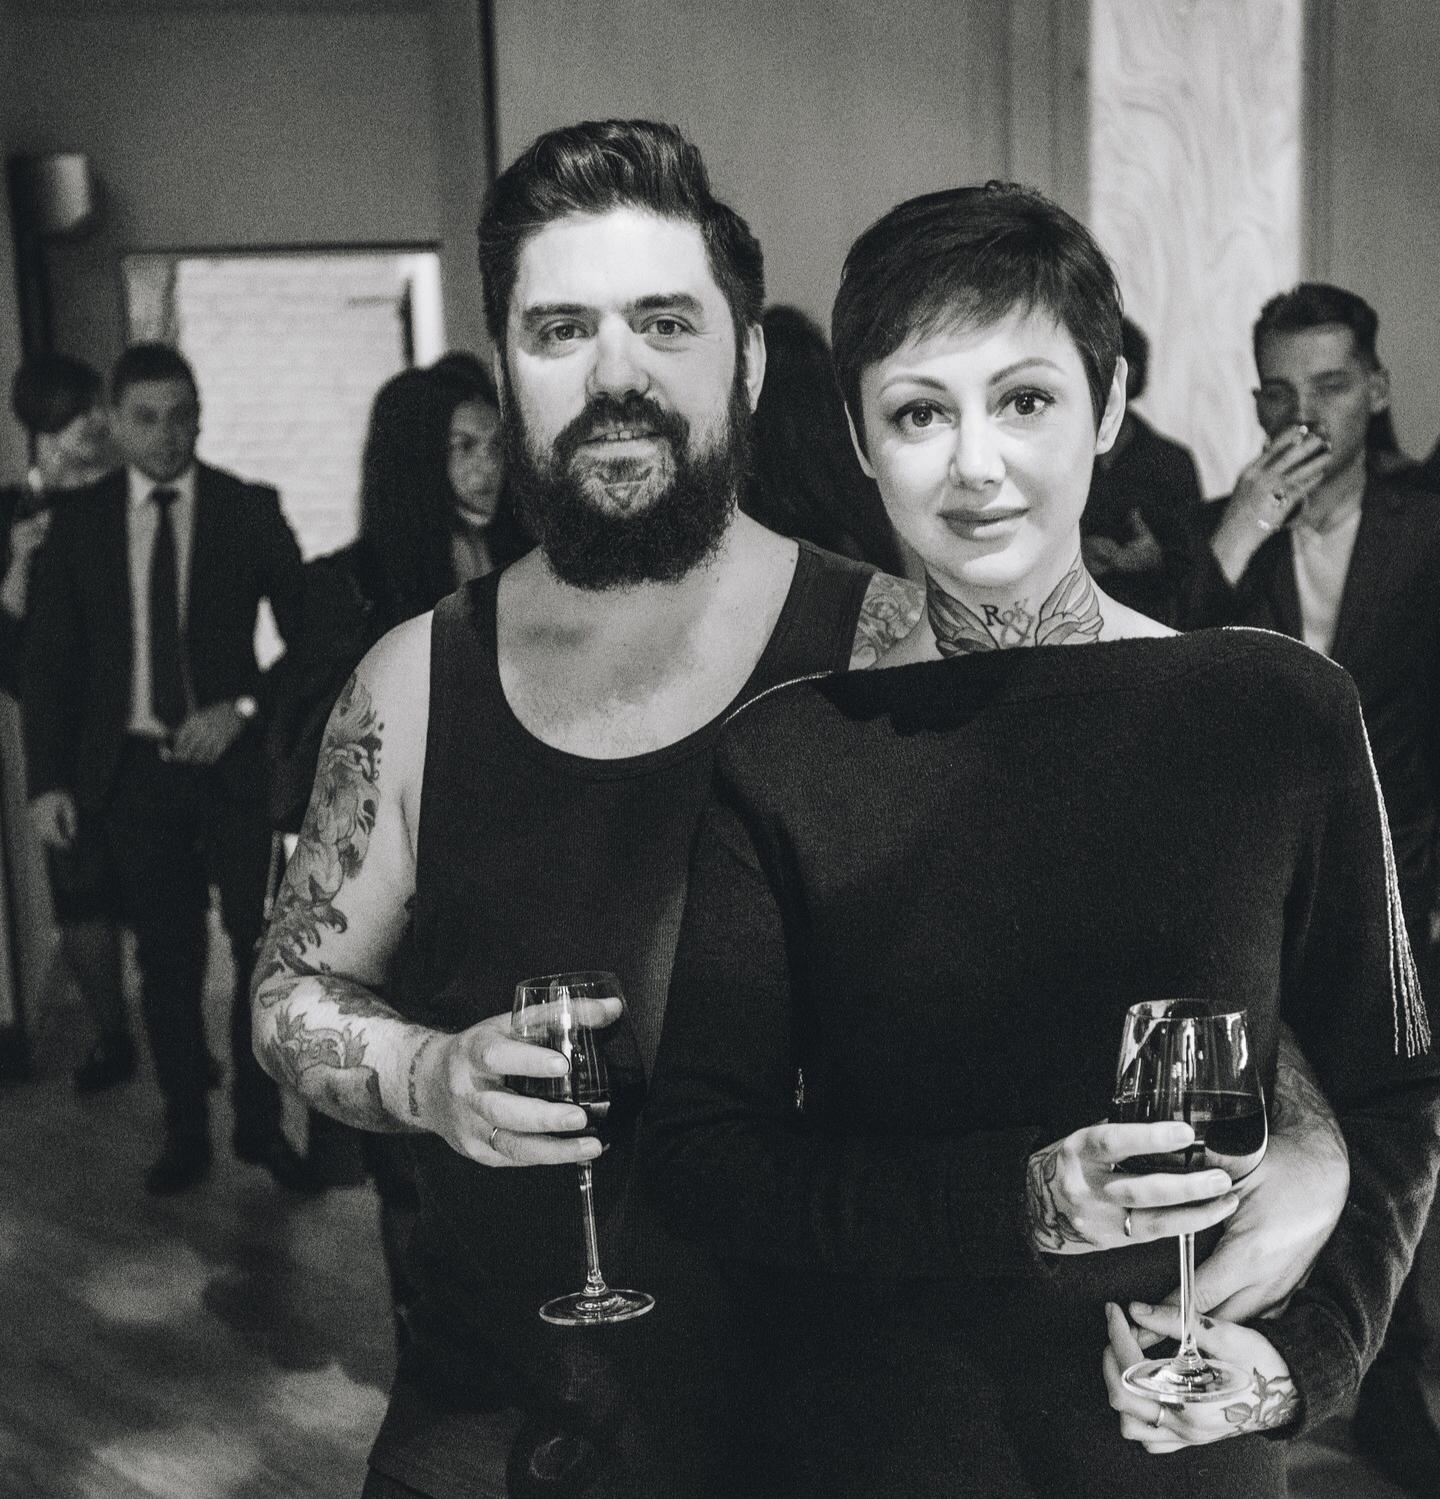 Давлятова Роман и Екатерина тату ап _edi